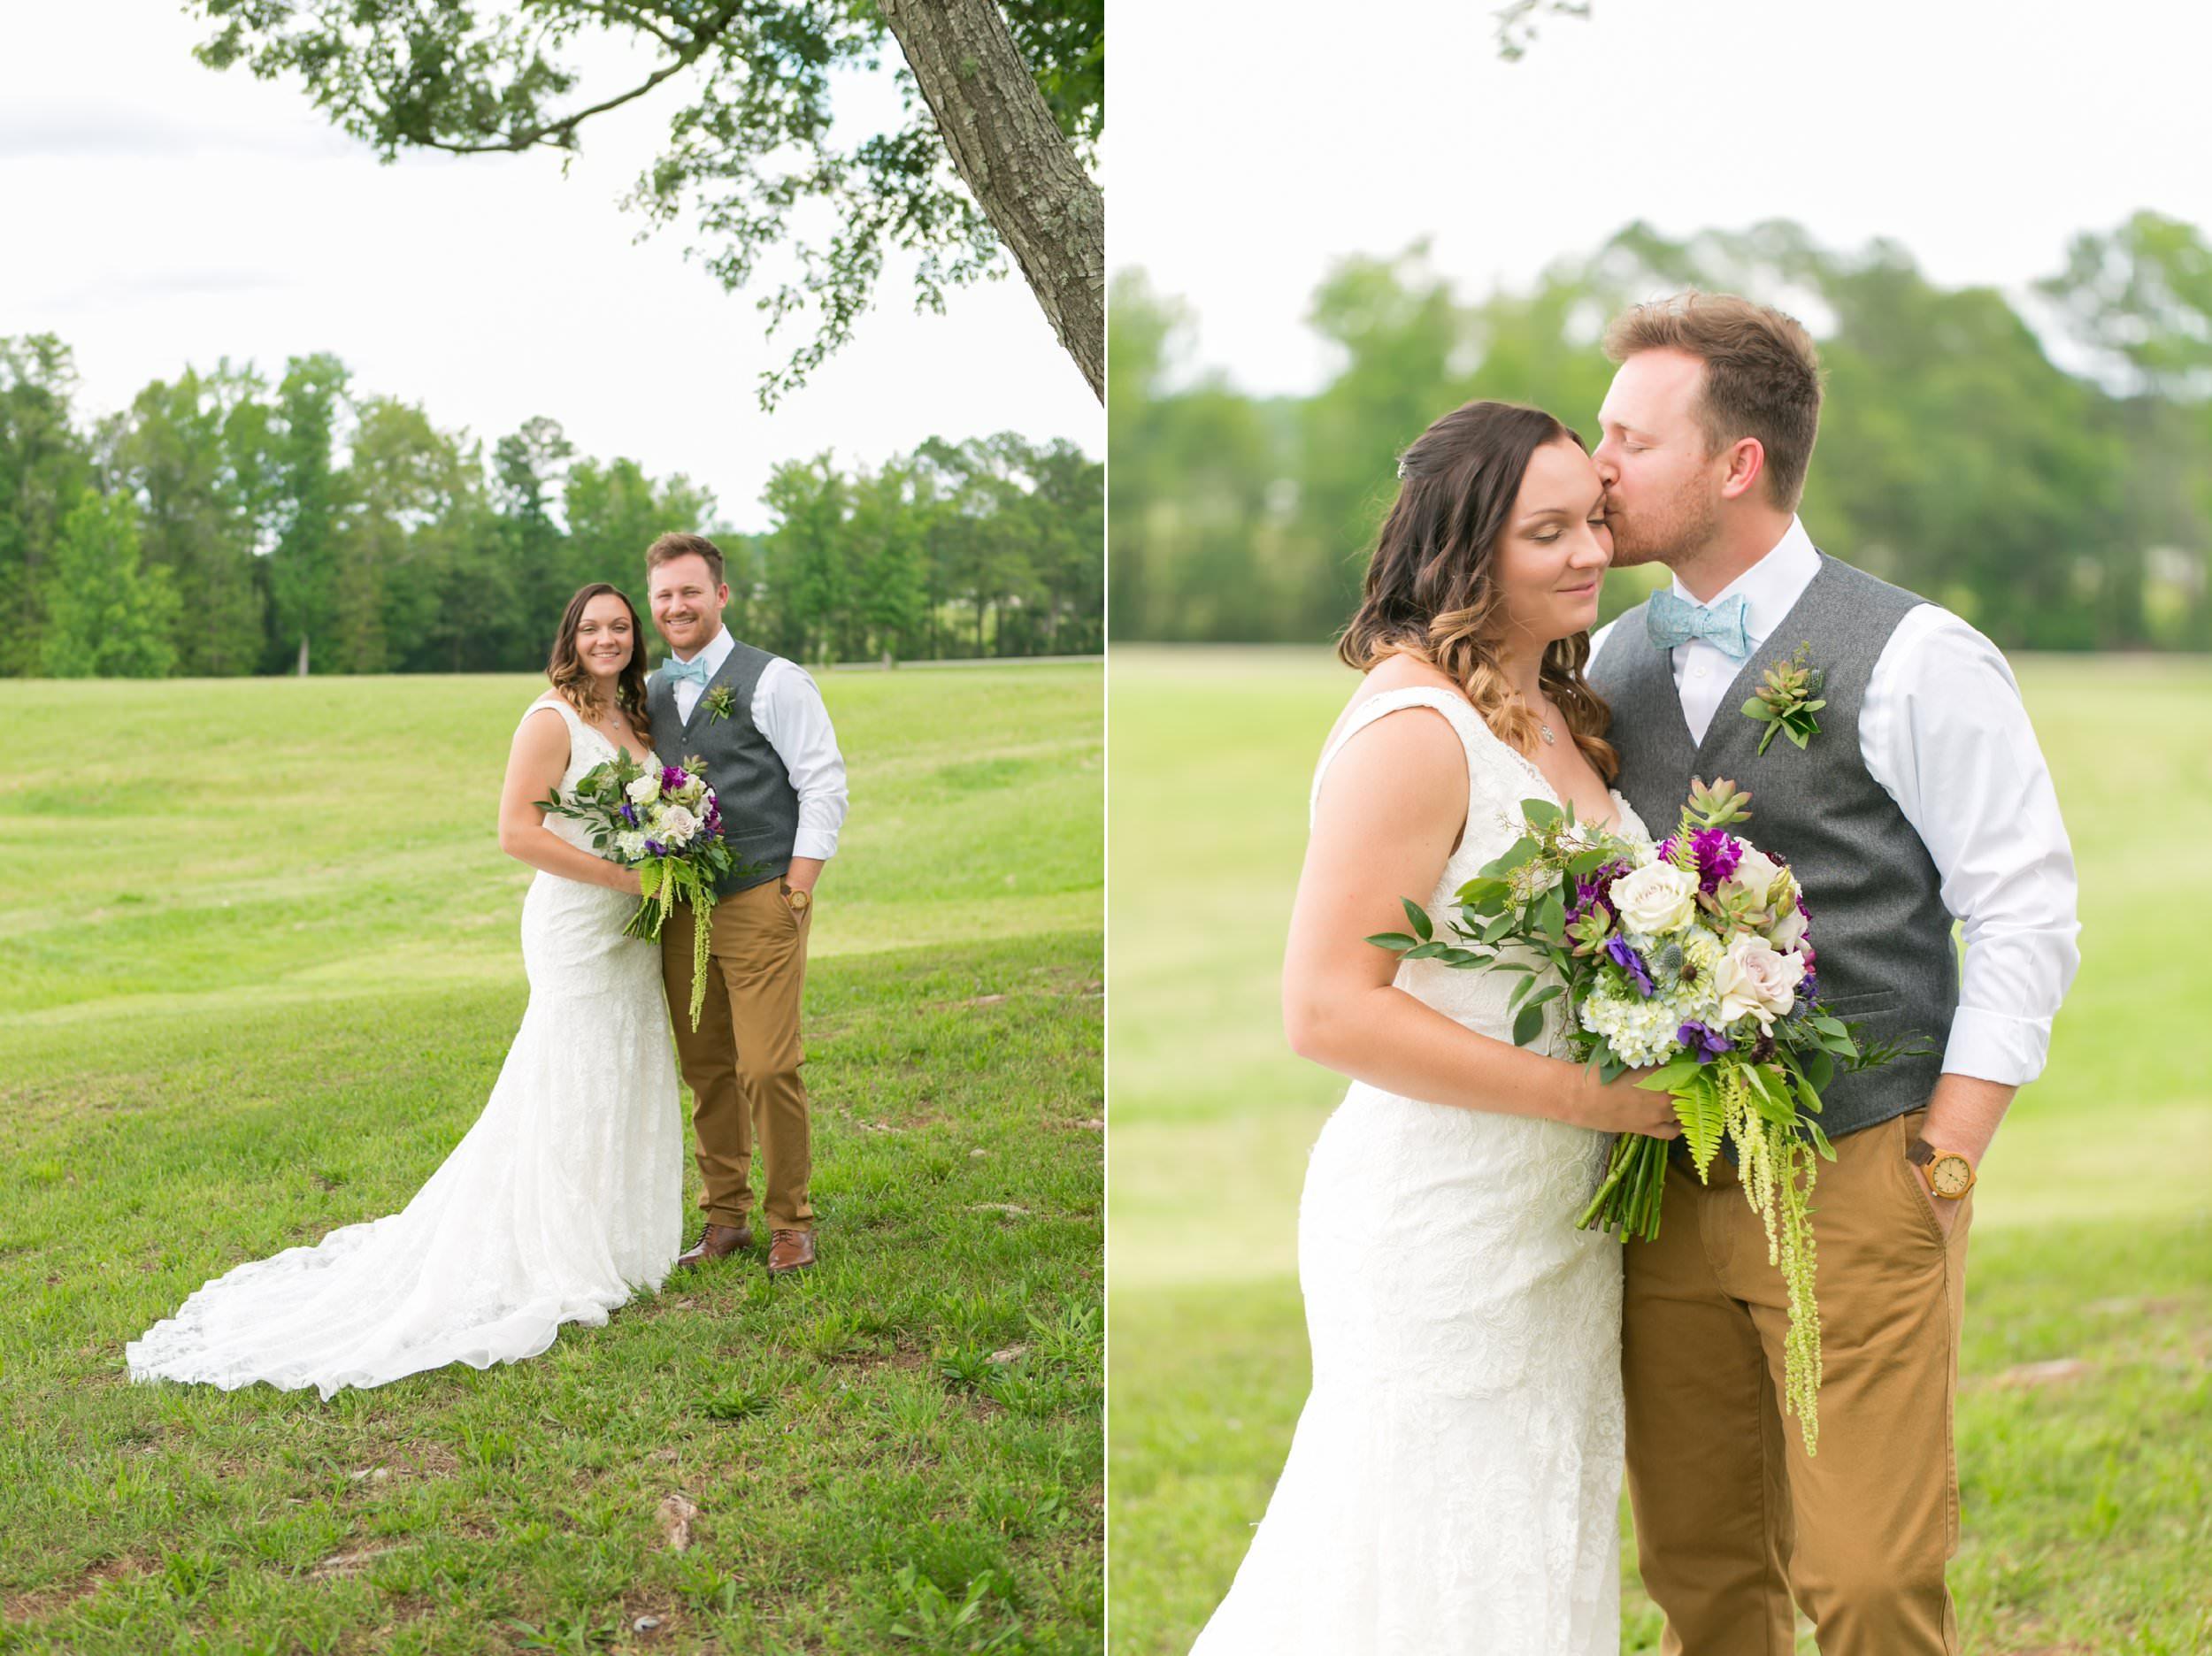 Abby-Manor-Events-Wedding-Photos17.jpg